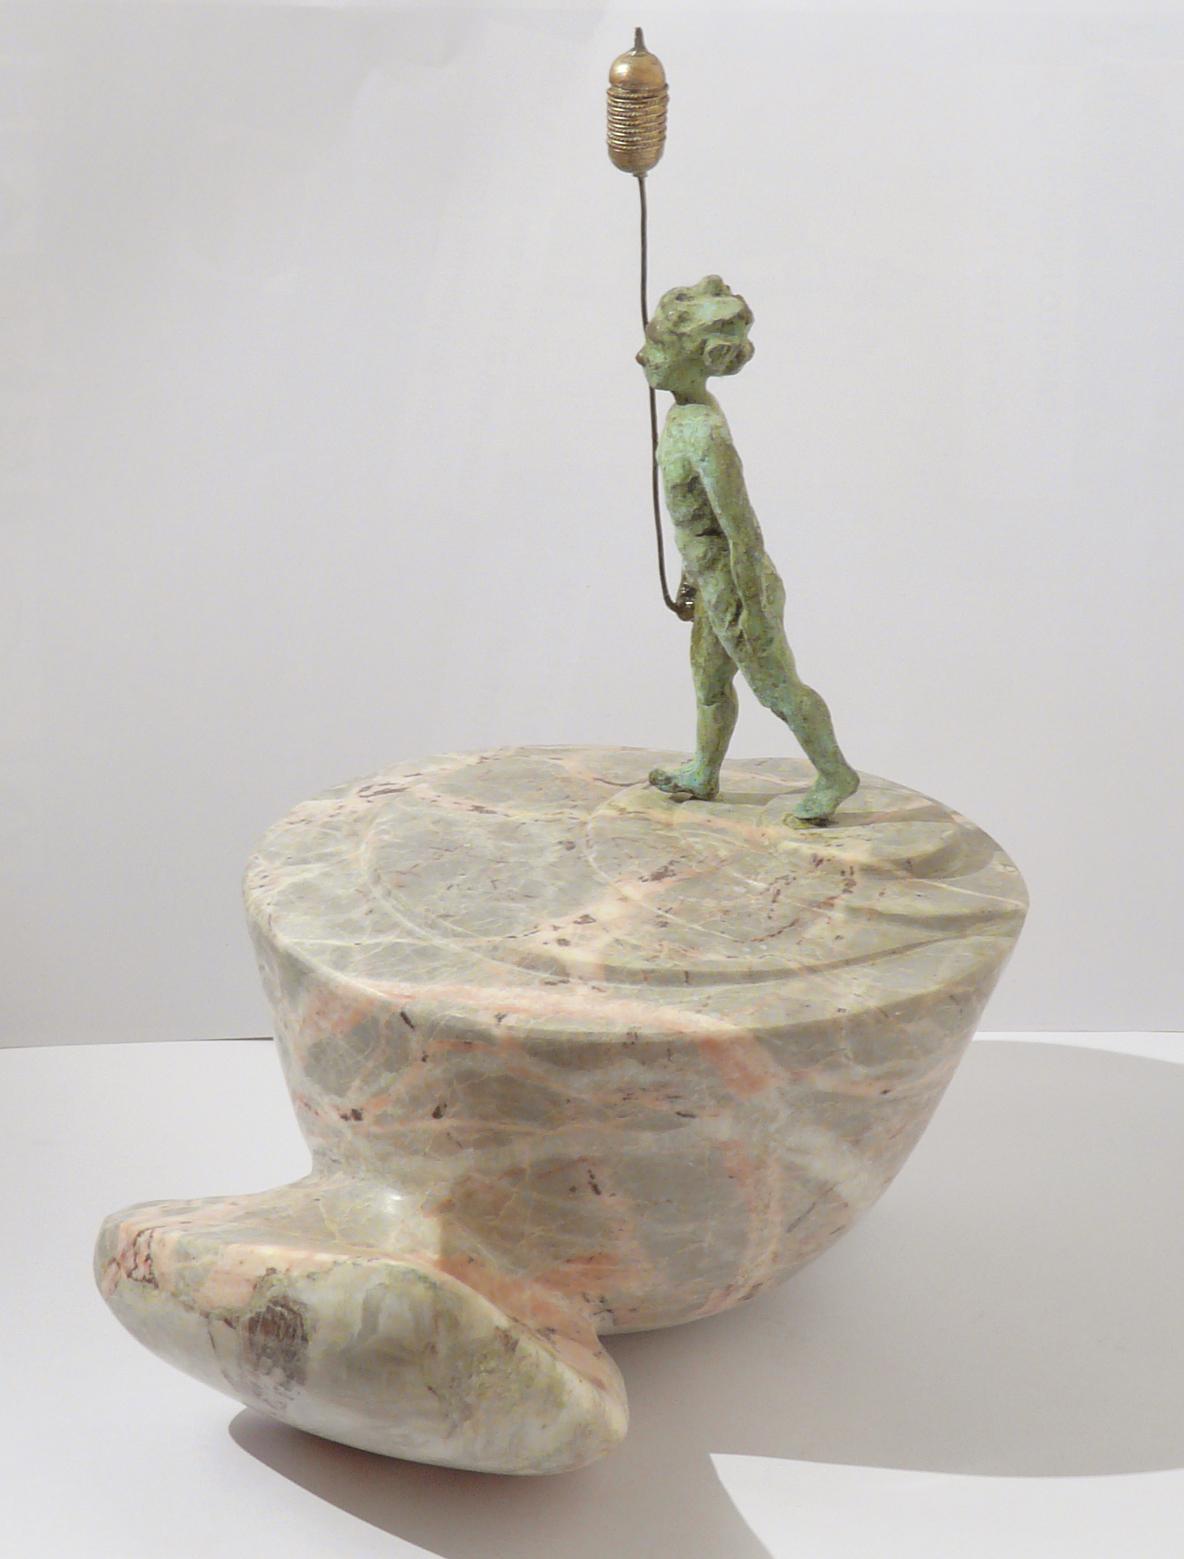 Les porteurs de rêves 2, culbuto, marbre de St Lary et bronze